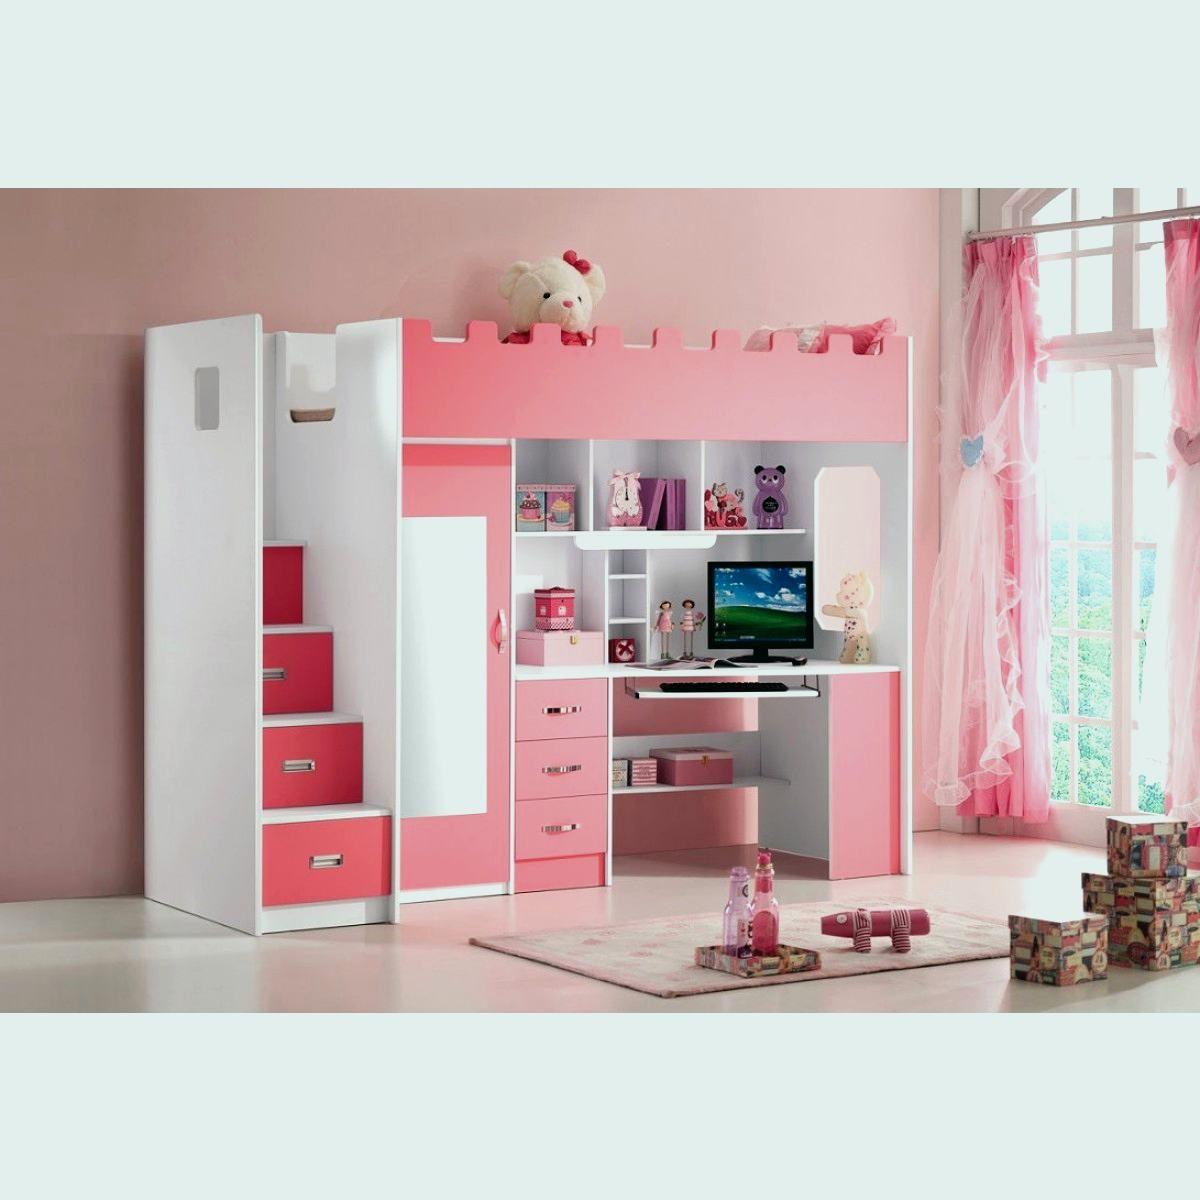 Tete De Lit Cabane Beau Lit Cabane Ikea Meilleurs Chaise Ikea Bureau Fille 24 Meuble Chaise